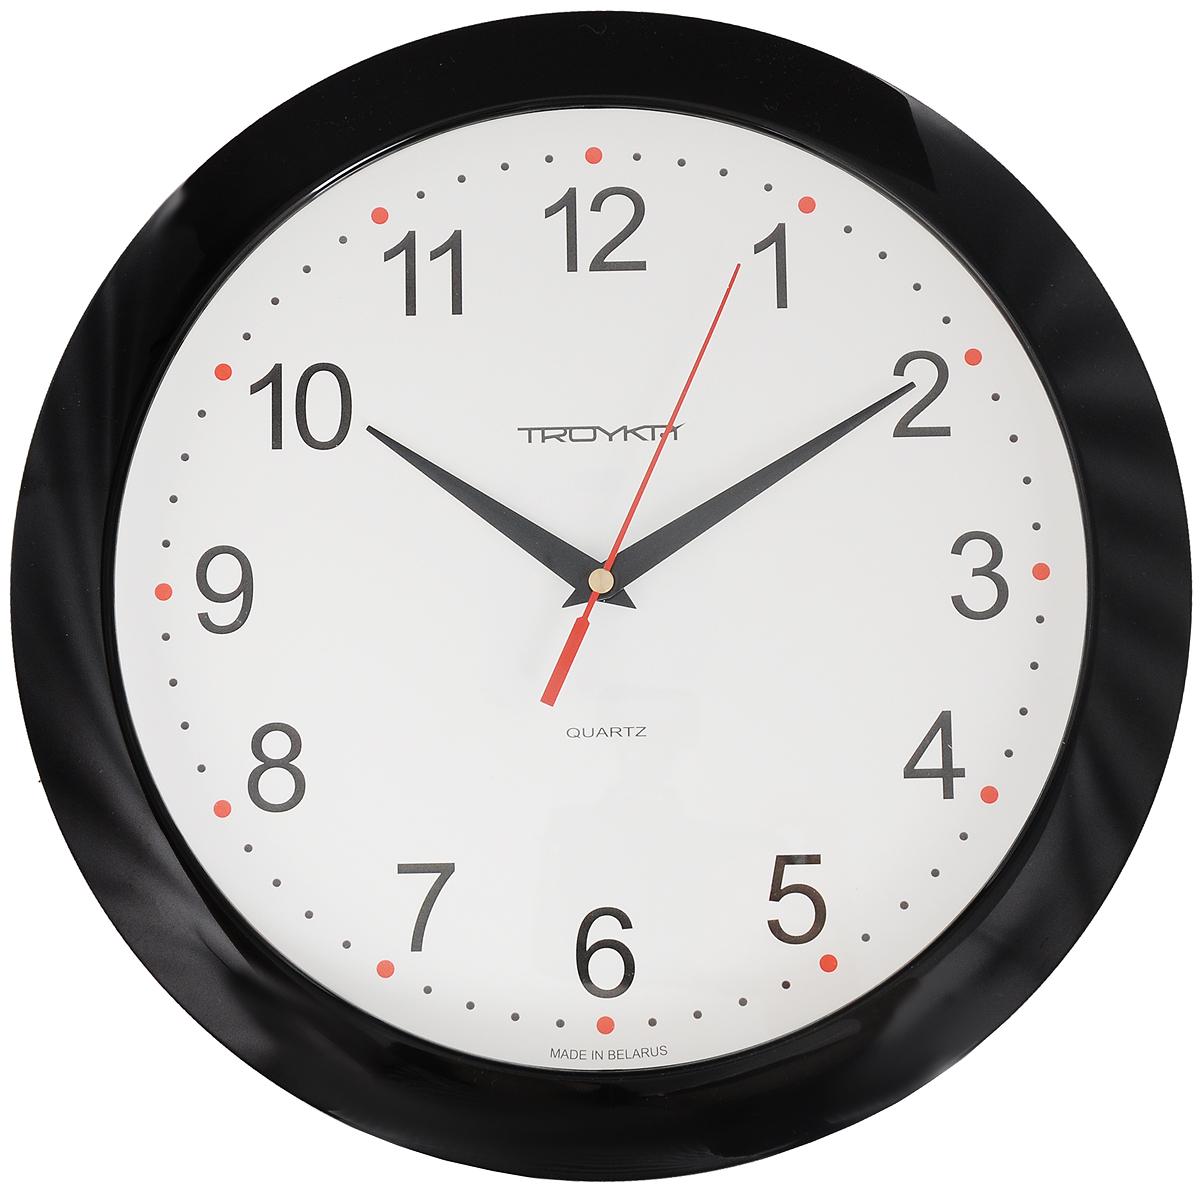 Часы настенные Troyka, цвет: черный. 1110011211100112_черныйНастенные кварцевые часы Troyka в классическом дизайне, изготовленные из пластика, прекрасно впишутся в интерьер вашего дома. Круглые часы имеют три стрелки: часовую, минутную и секундную, циферблат защищен прозрачным пластиком. Часы работают от 1 батарейки типа АА напряжением 1,5 В. Внимание! Часы укомплектованы бесплатным тестовым элементом питания для обеспечения их работоспособности при предпродажной подготовке и демонстрации рабочих функций. Диаметр часов: 29 см.